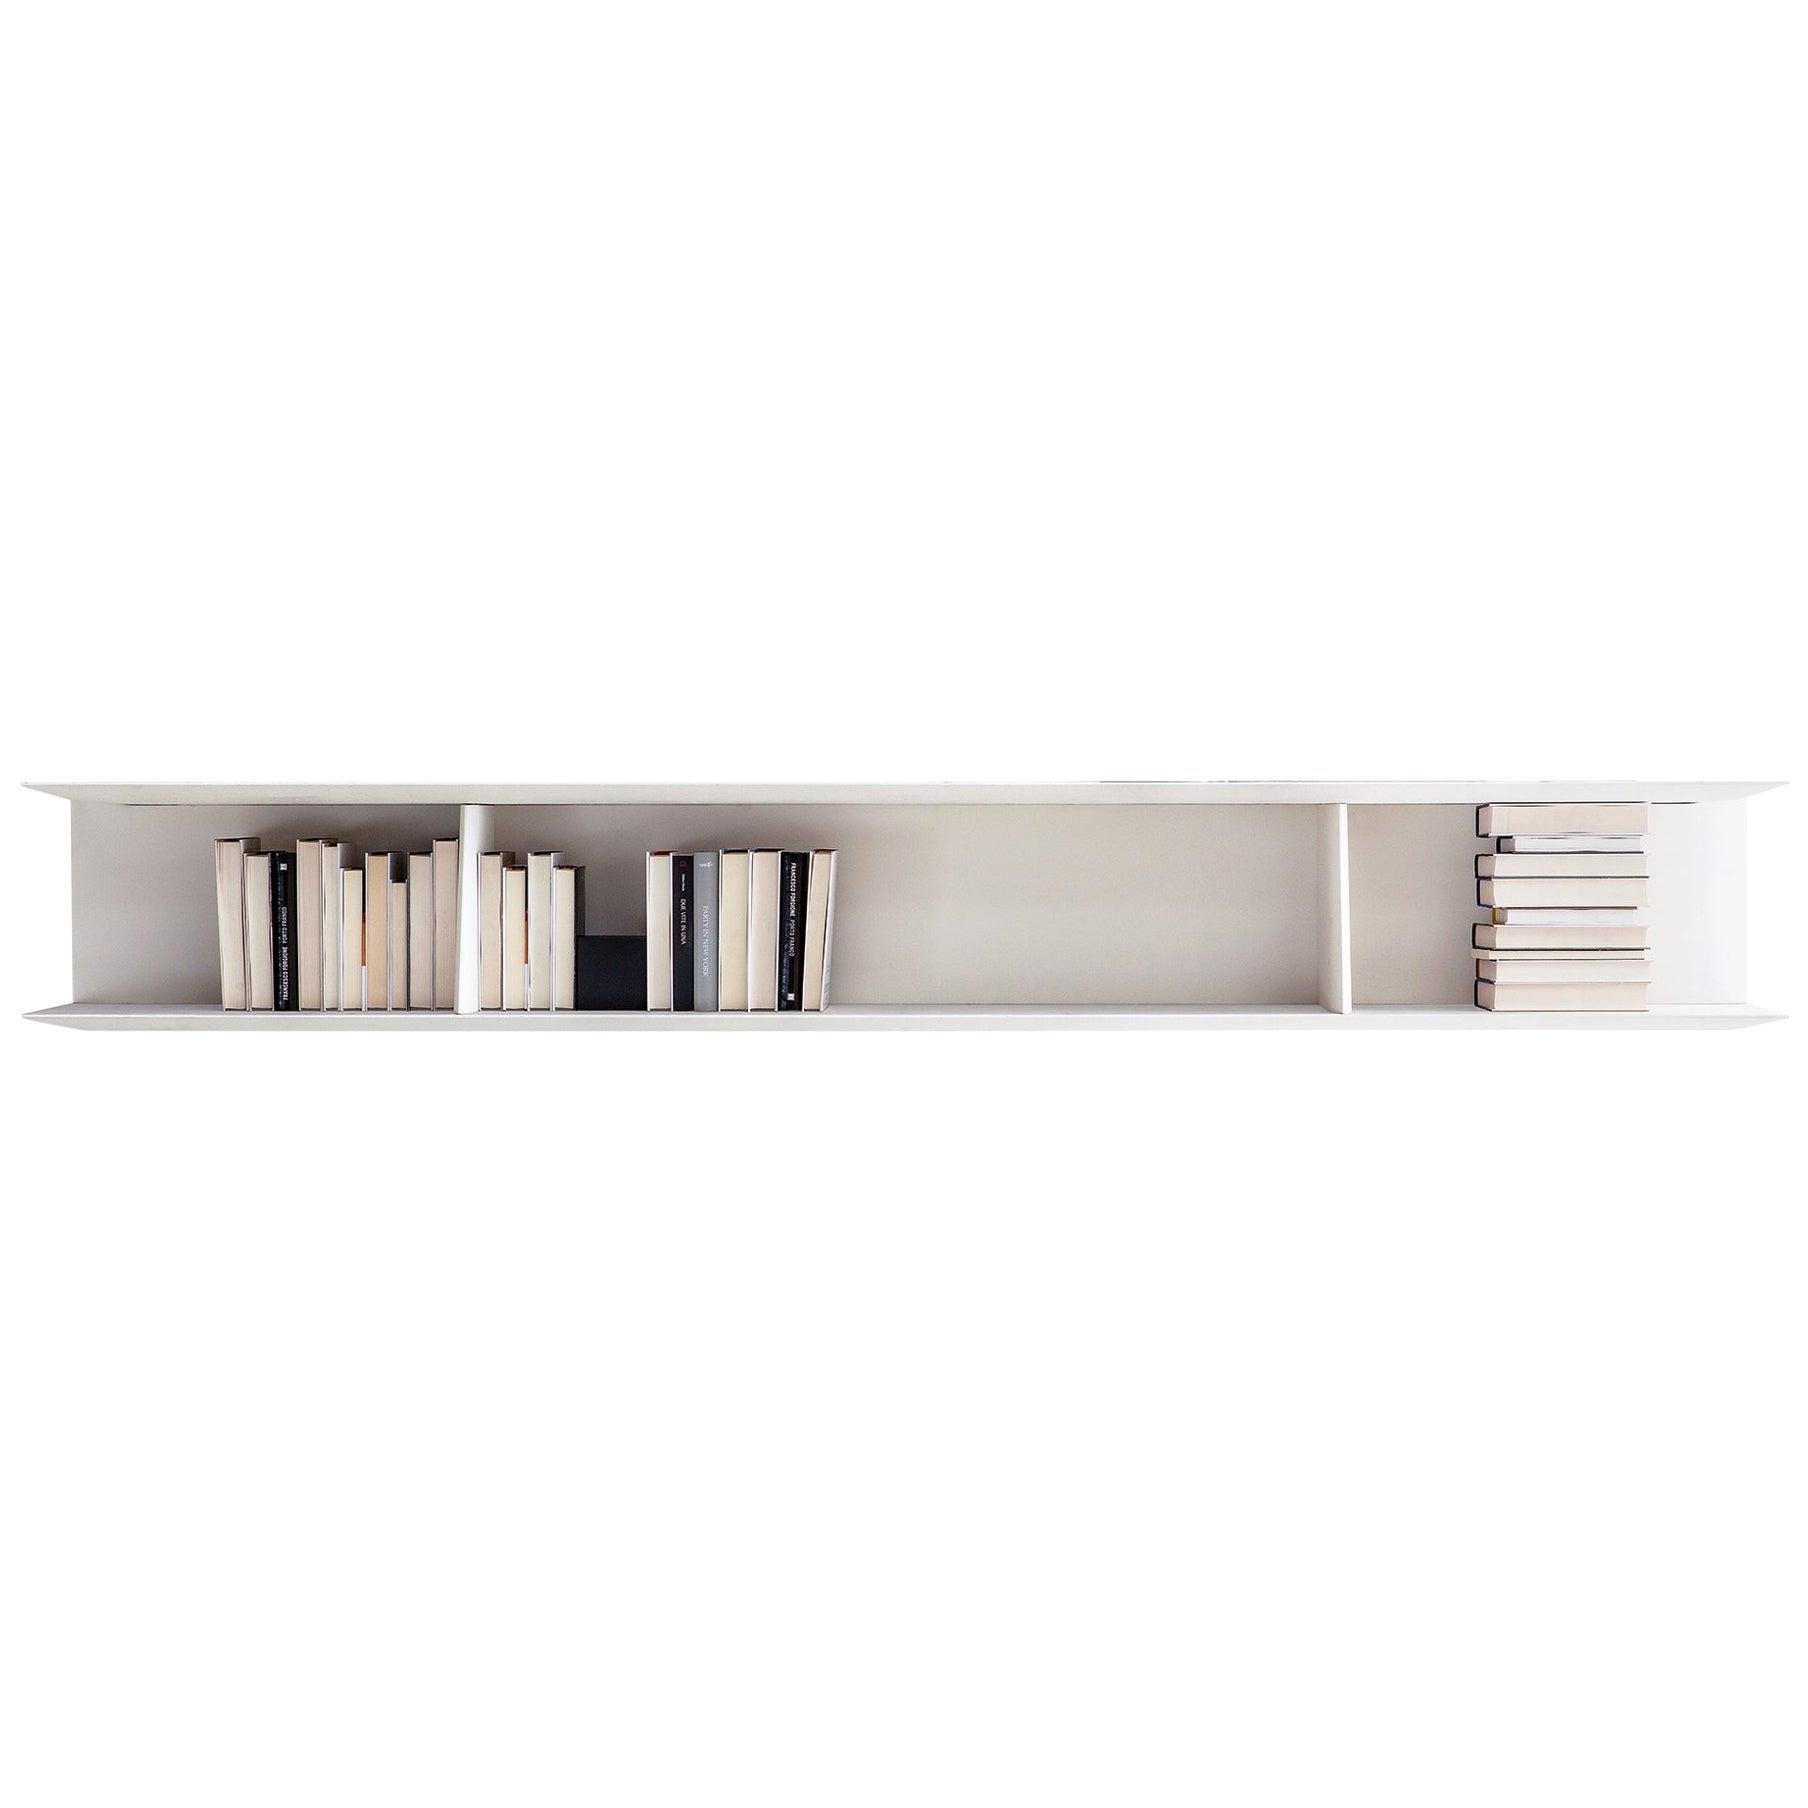 Molteni&C D.355.2 Small Suspended Bookcase Shelf in White by Gio Ponti